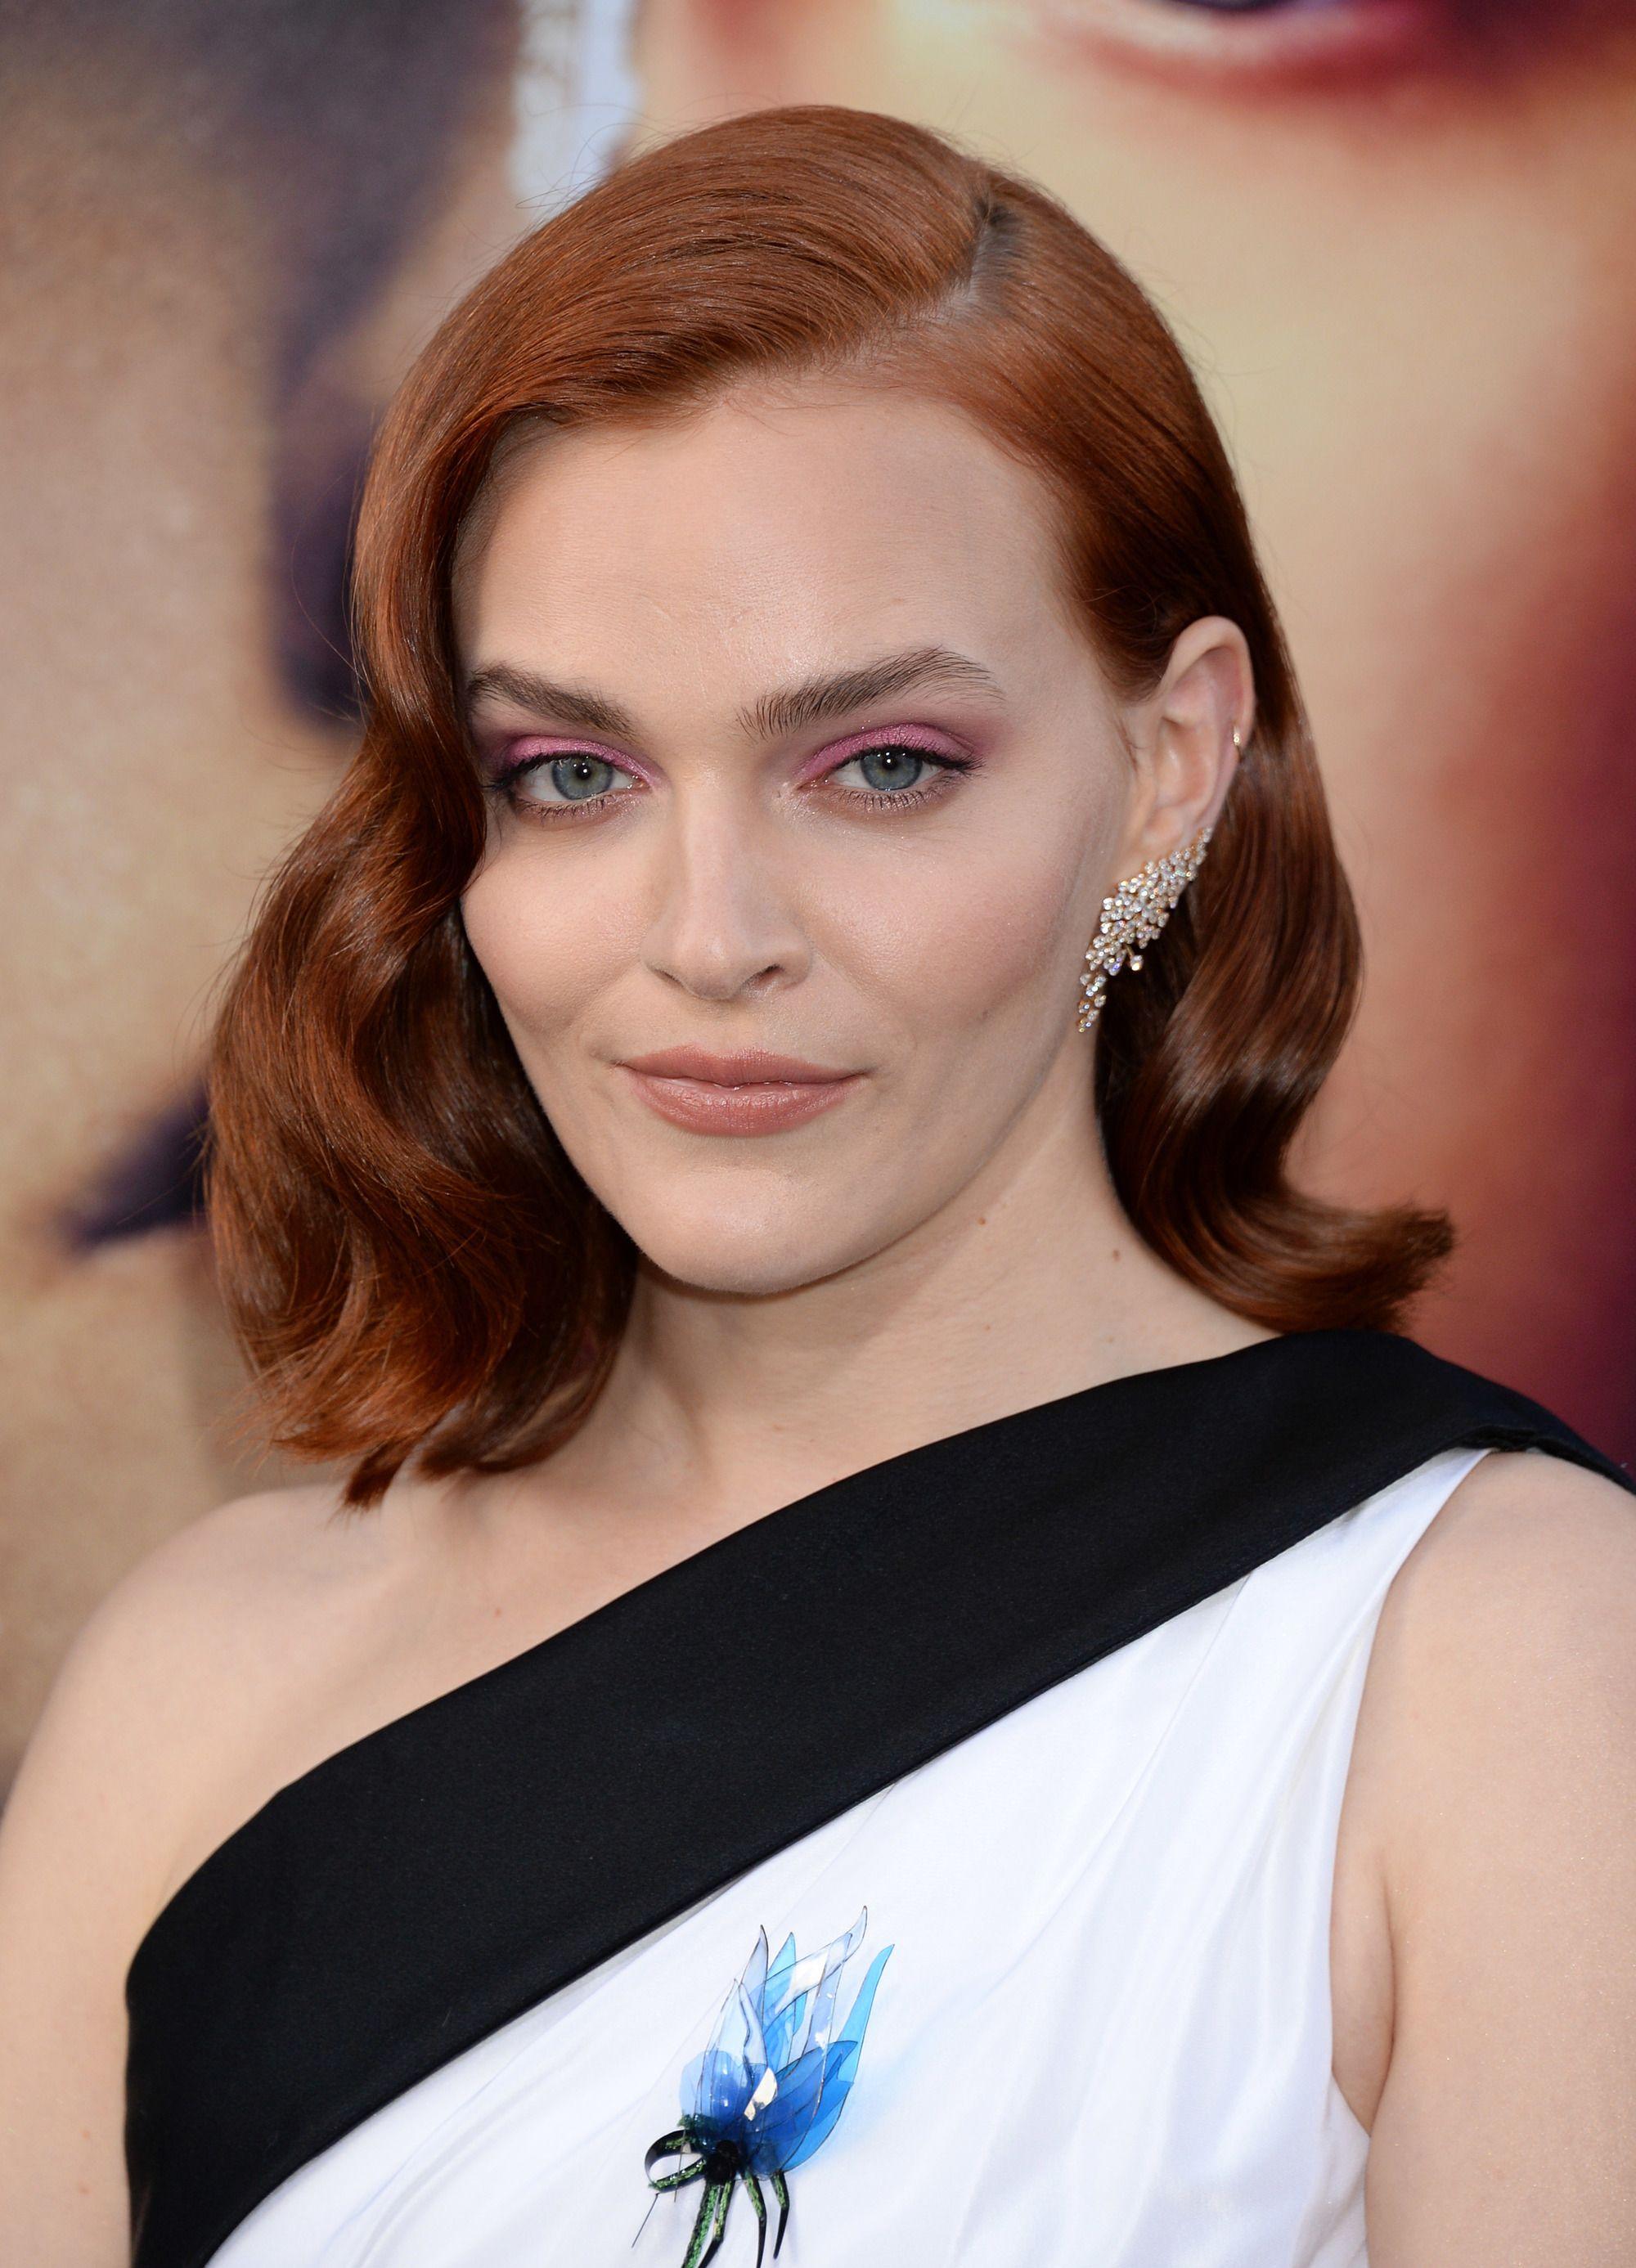 Madeline Brewer avec des cheveux roux aux épaules avec des ondulations hollywoodiennes et portant une robe à l'épaule.